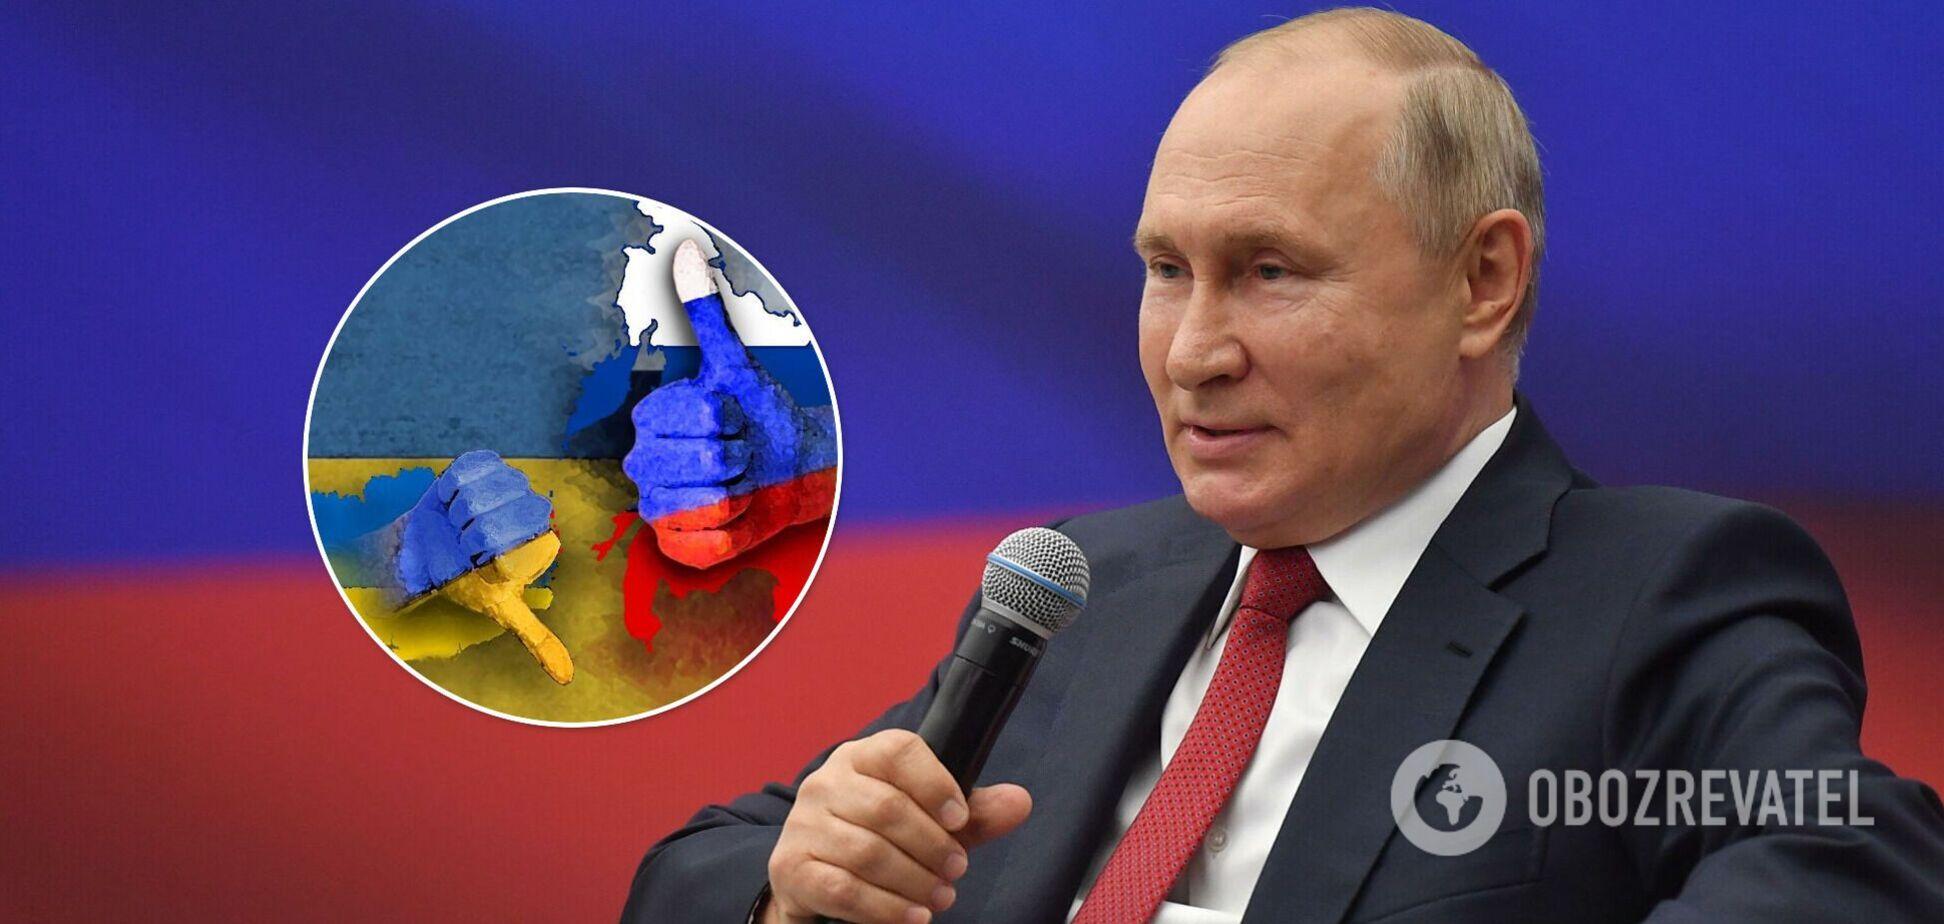 Путін назвав відносини Росії з Україною 'ненормальними' і заговорив про відновлення контактів